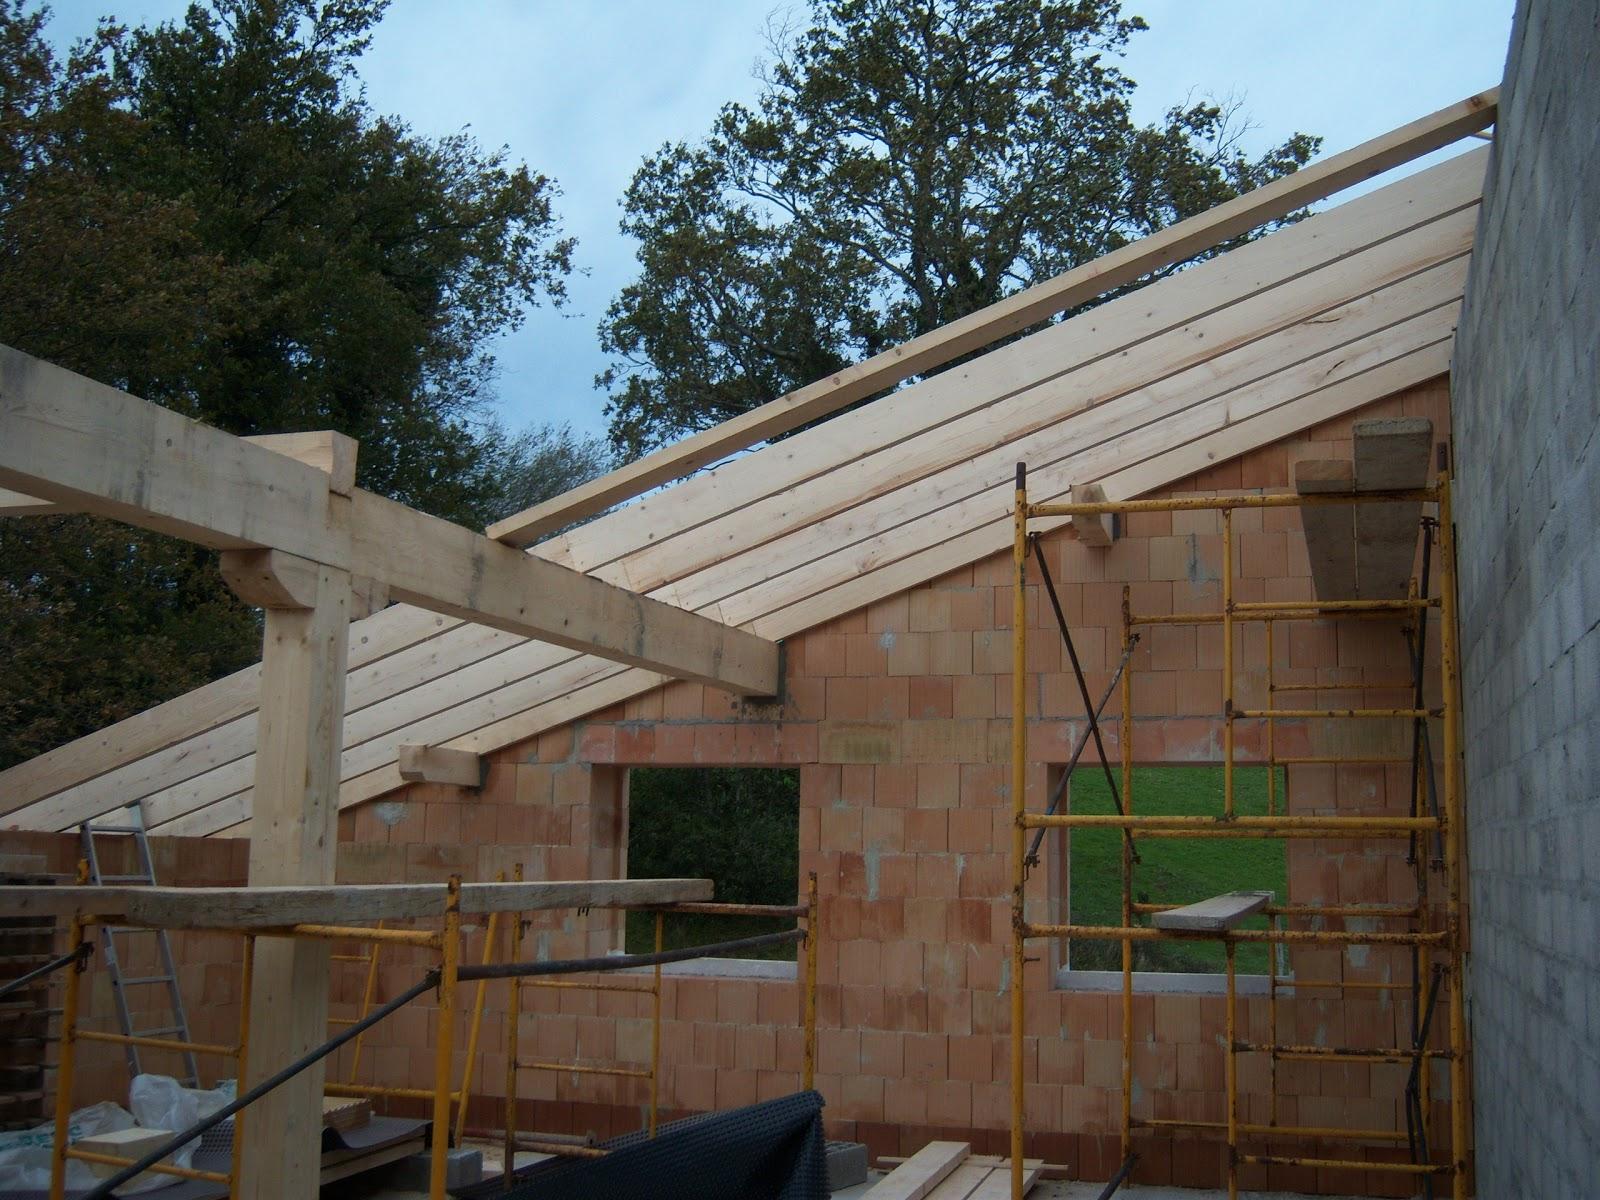 Andocarpinteando tejado con aislante de fibras de madera - Forrar paredes de madera ...